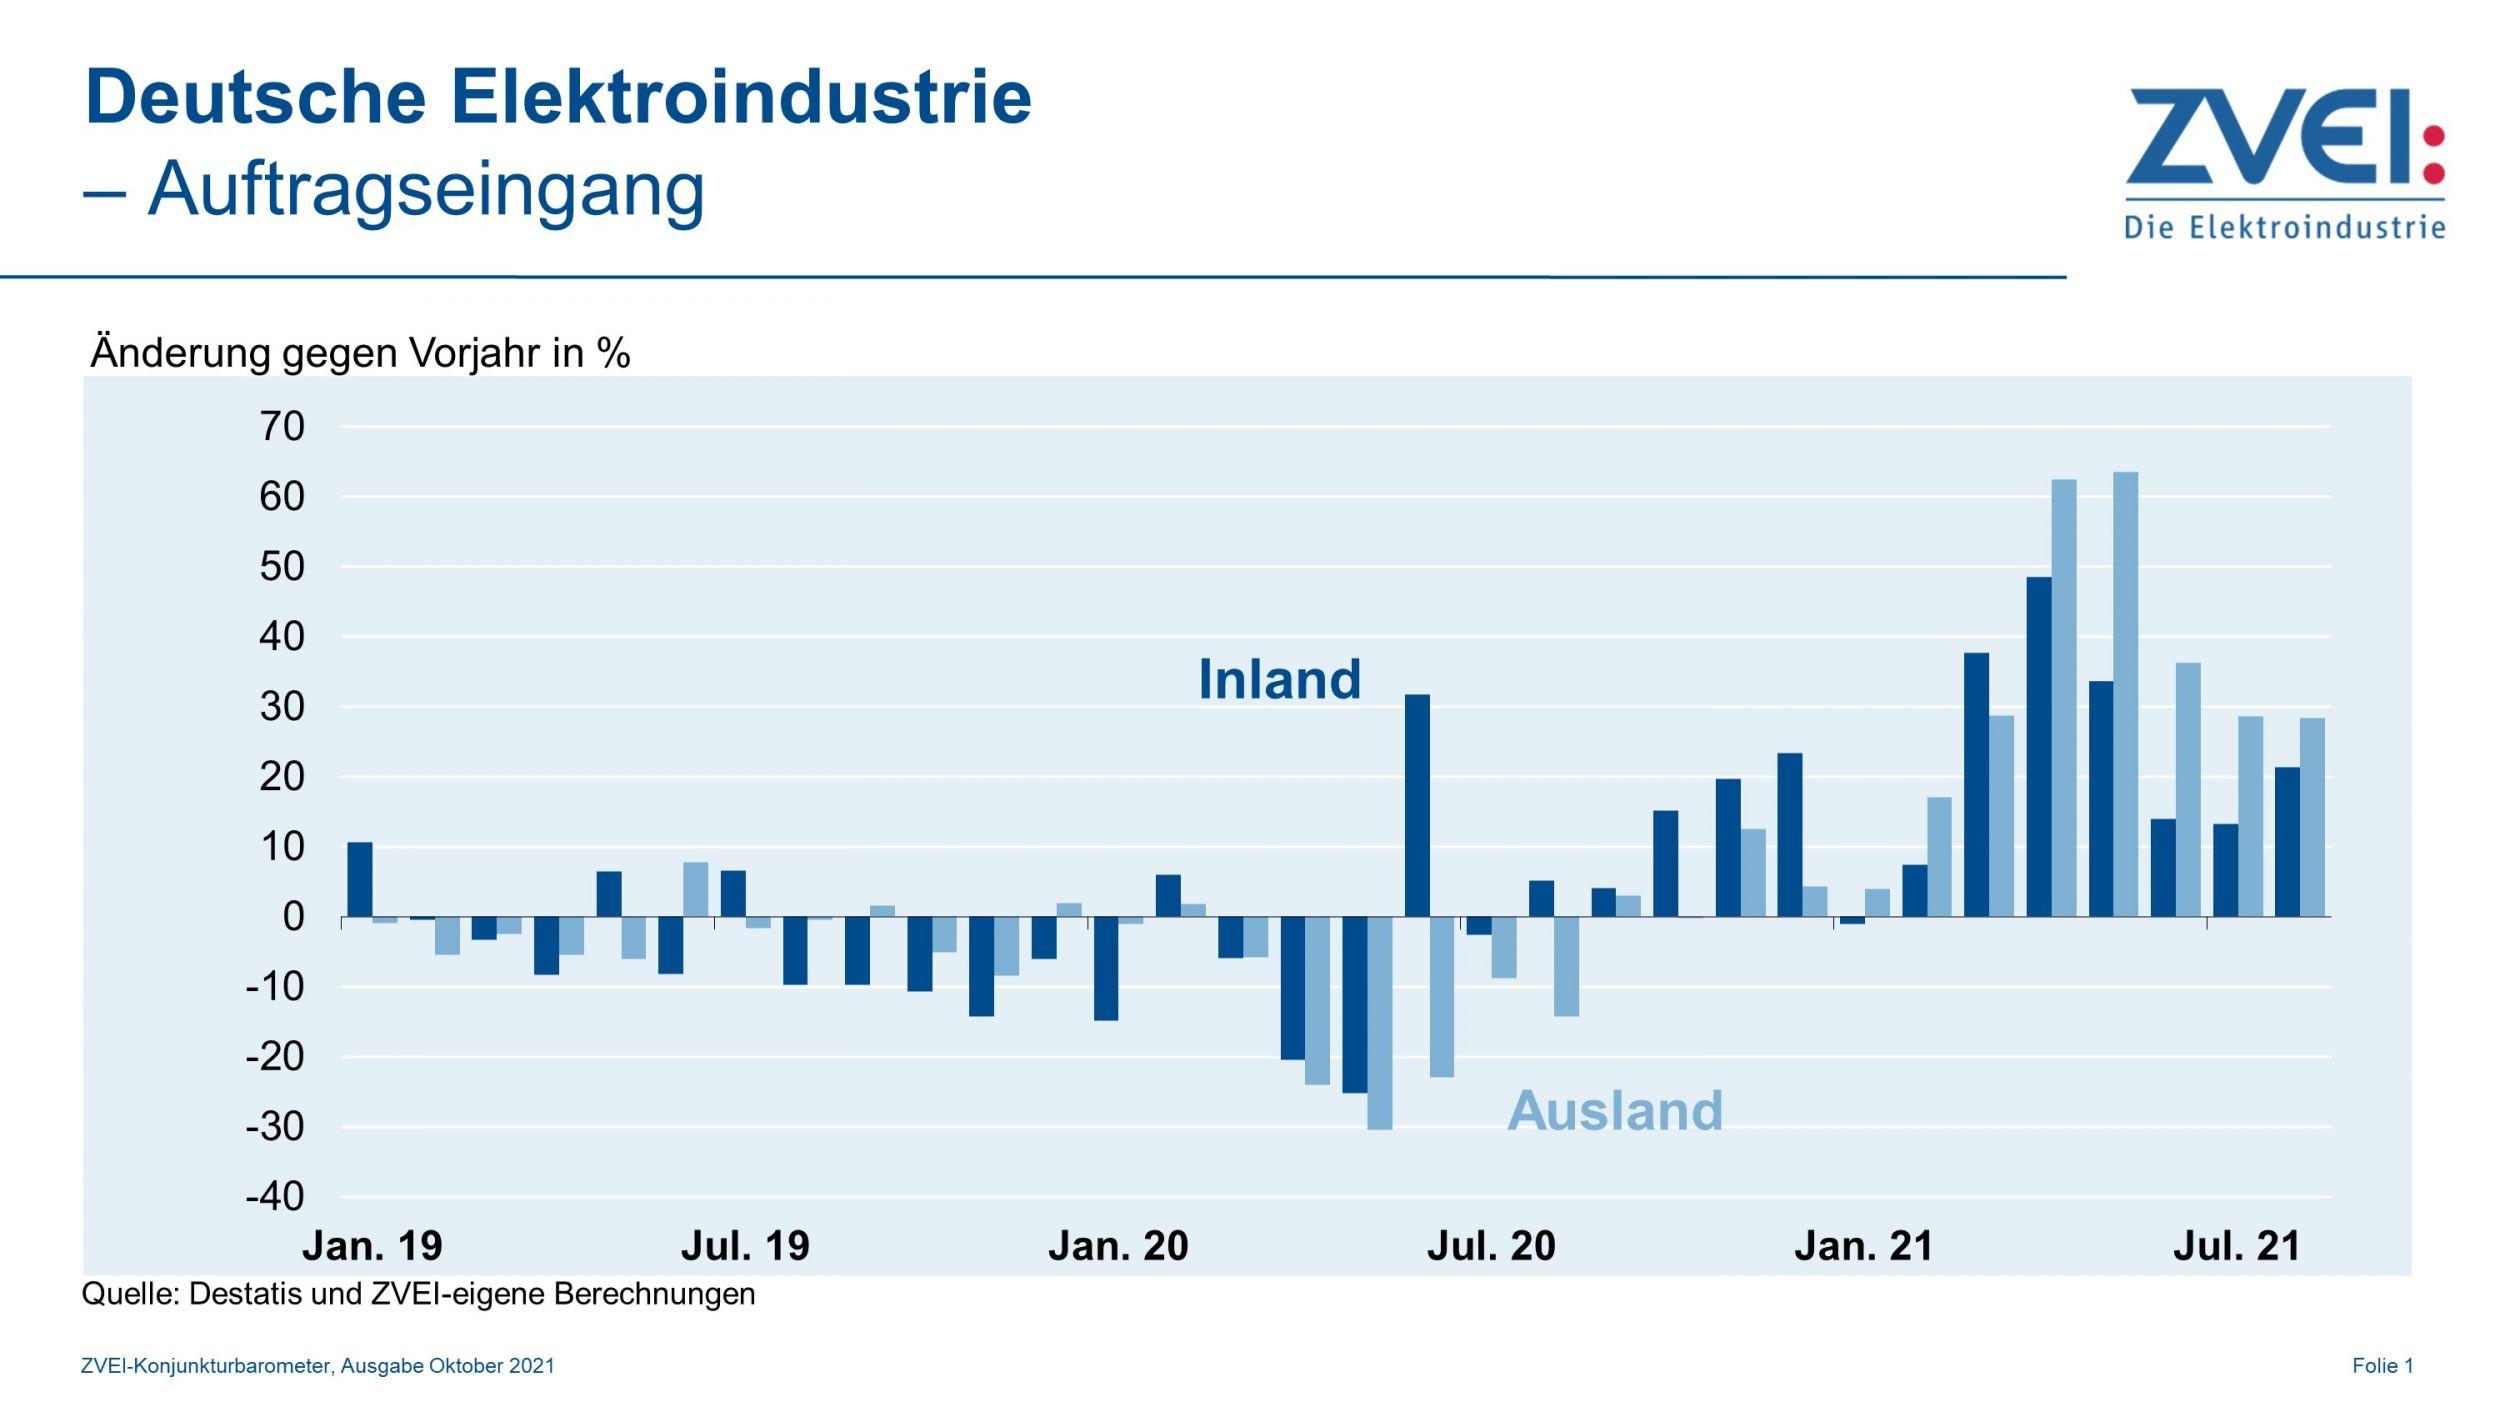 Elektroindustrie wächst bislang weiter zweistellig